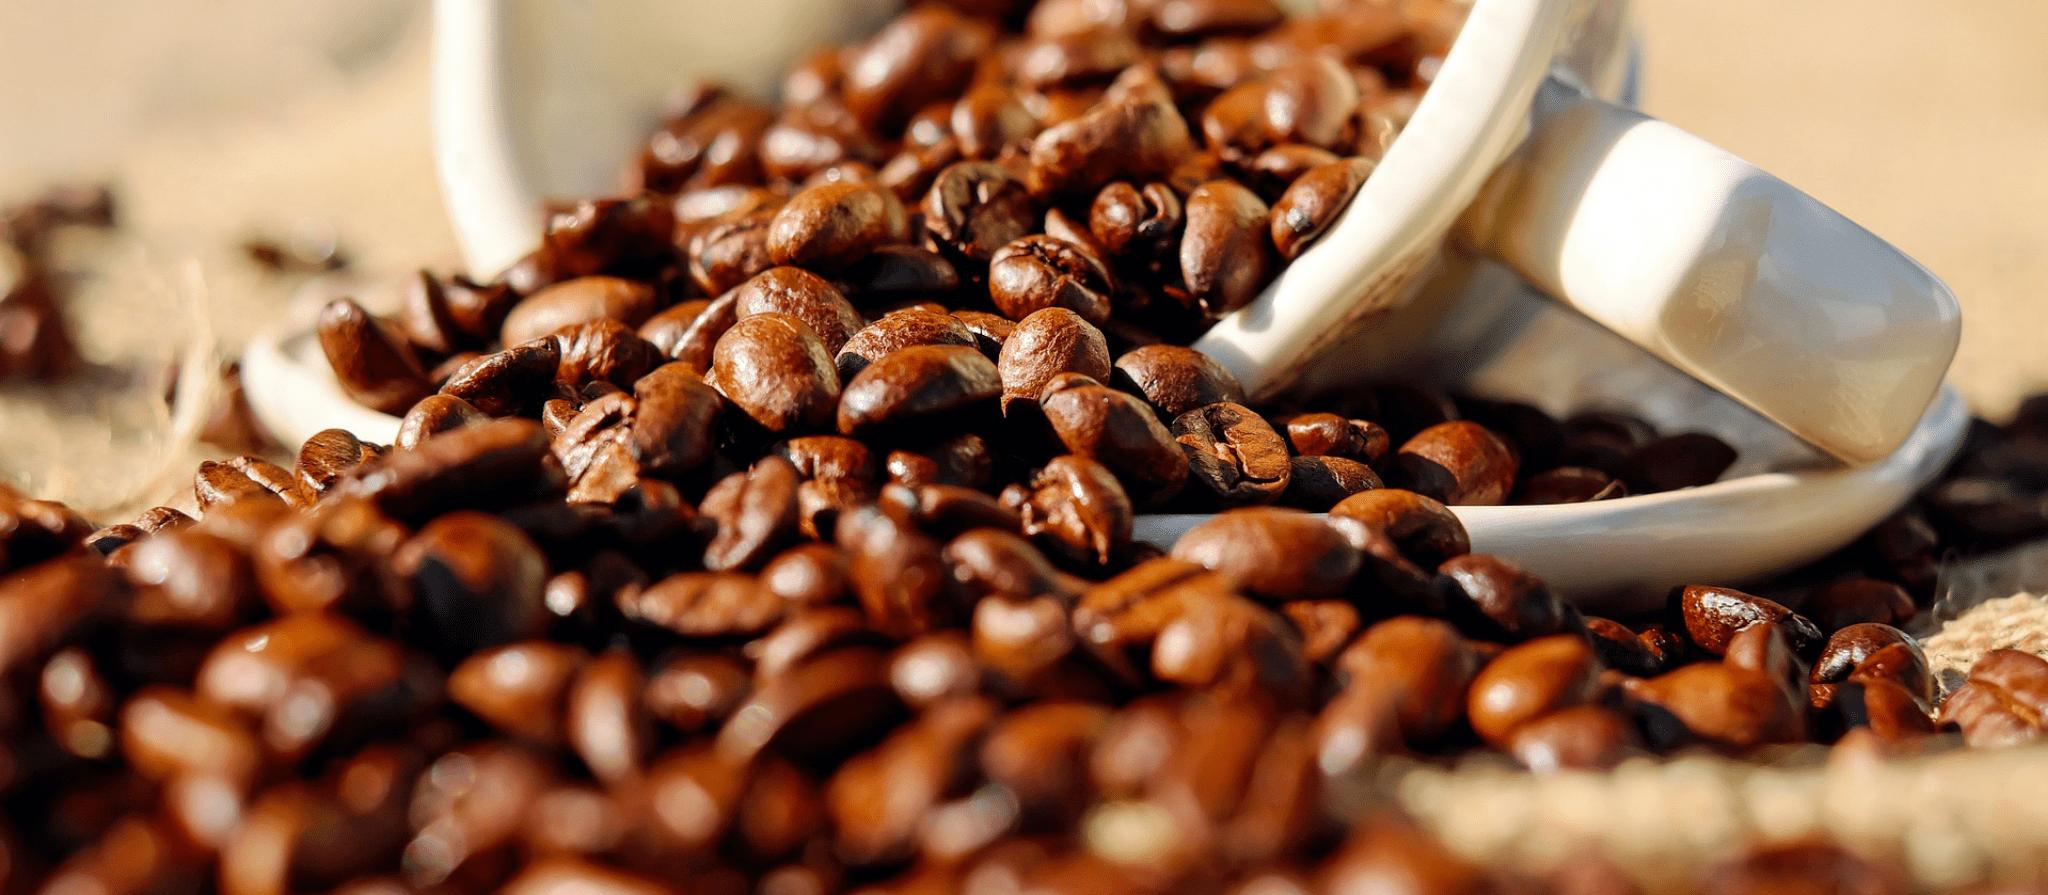 Café em coco custa R$ 6,08 o quilo na região de Apucarana